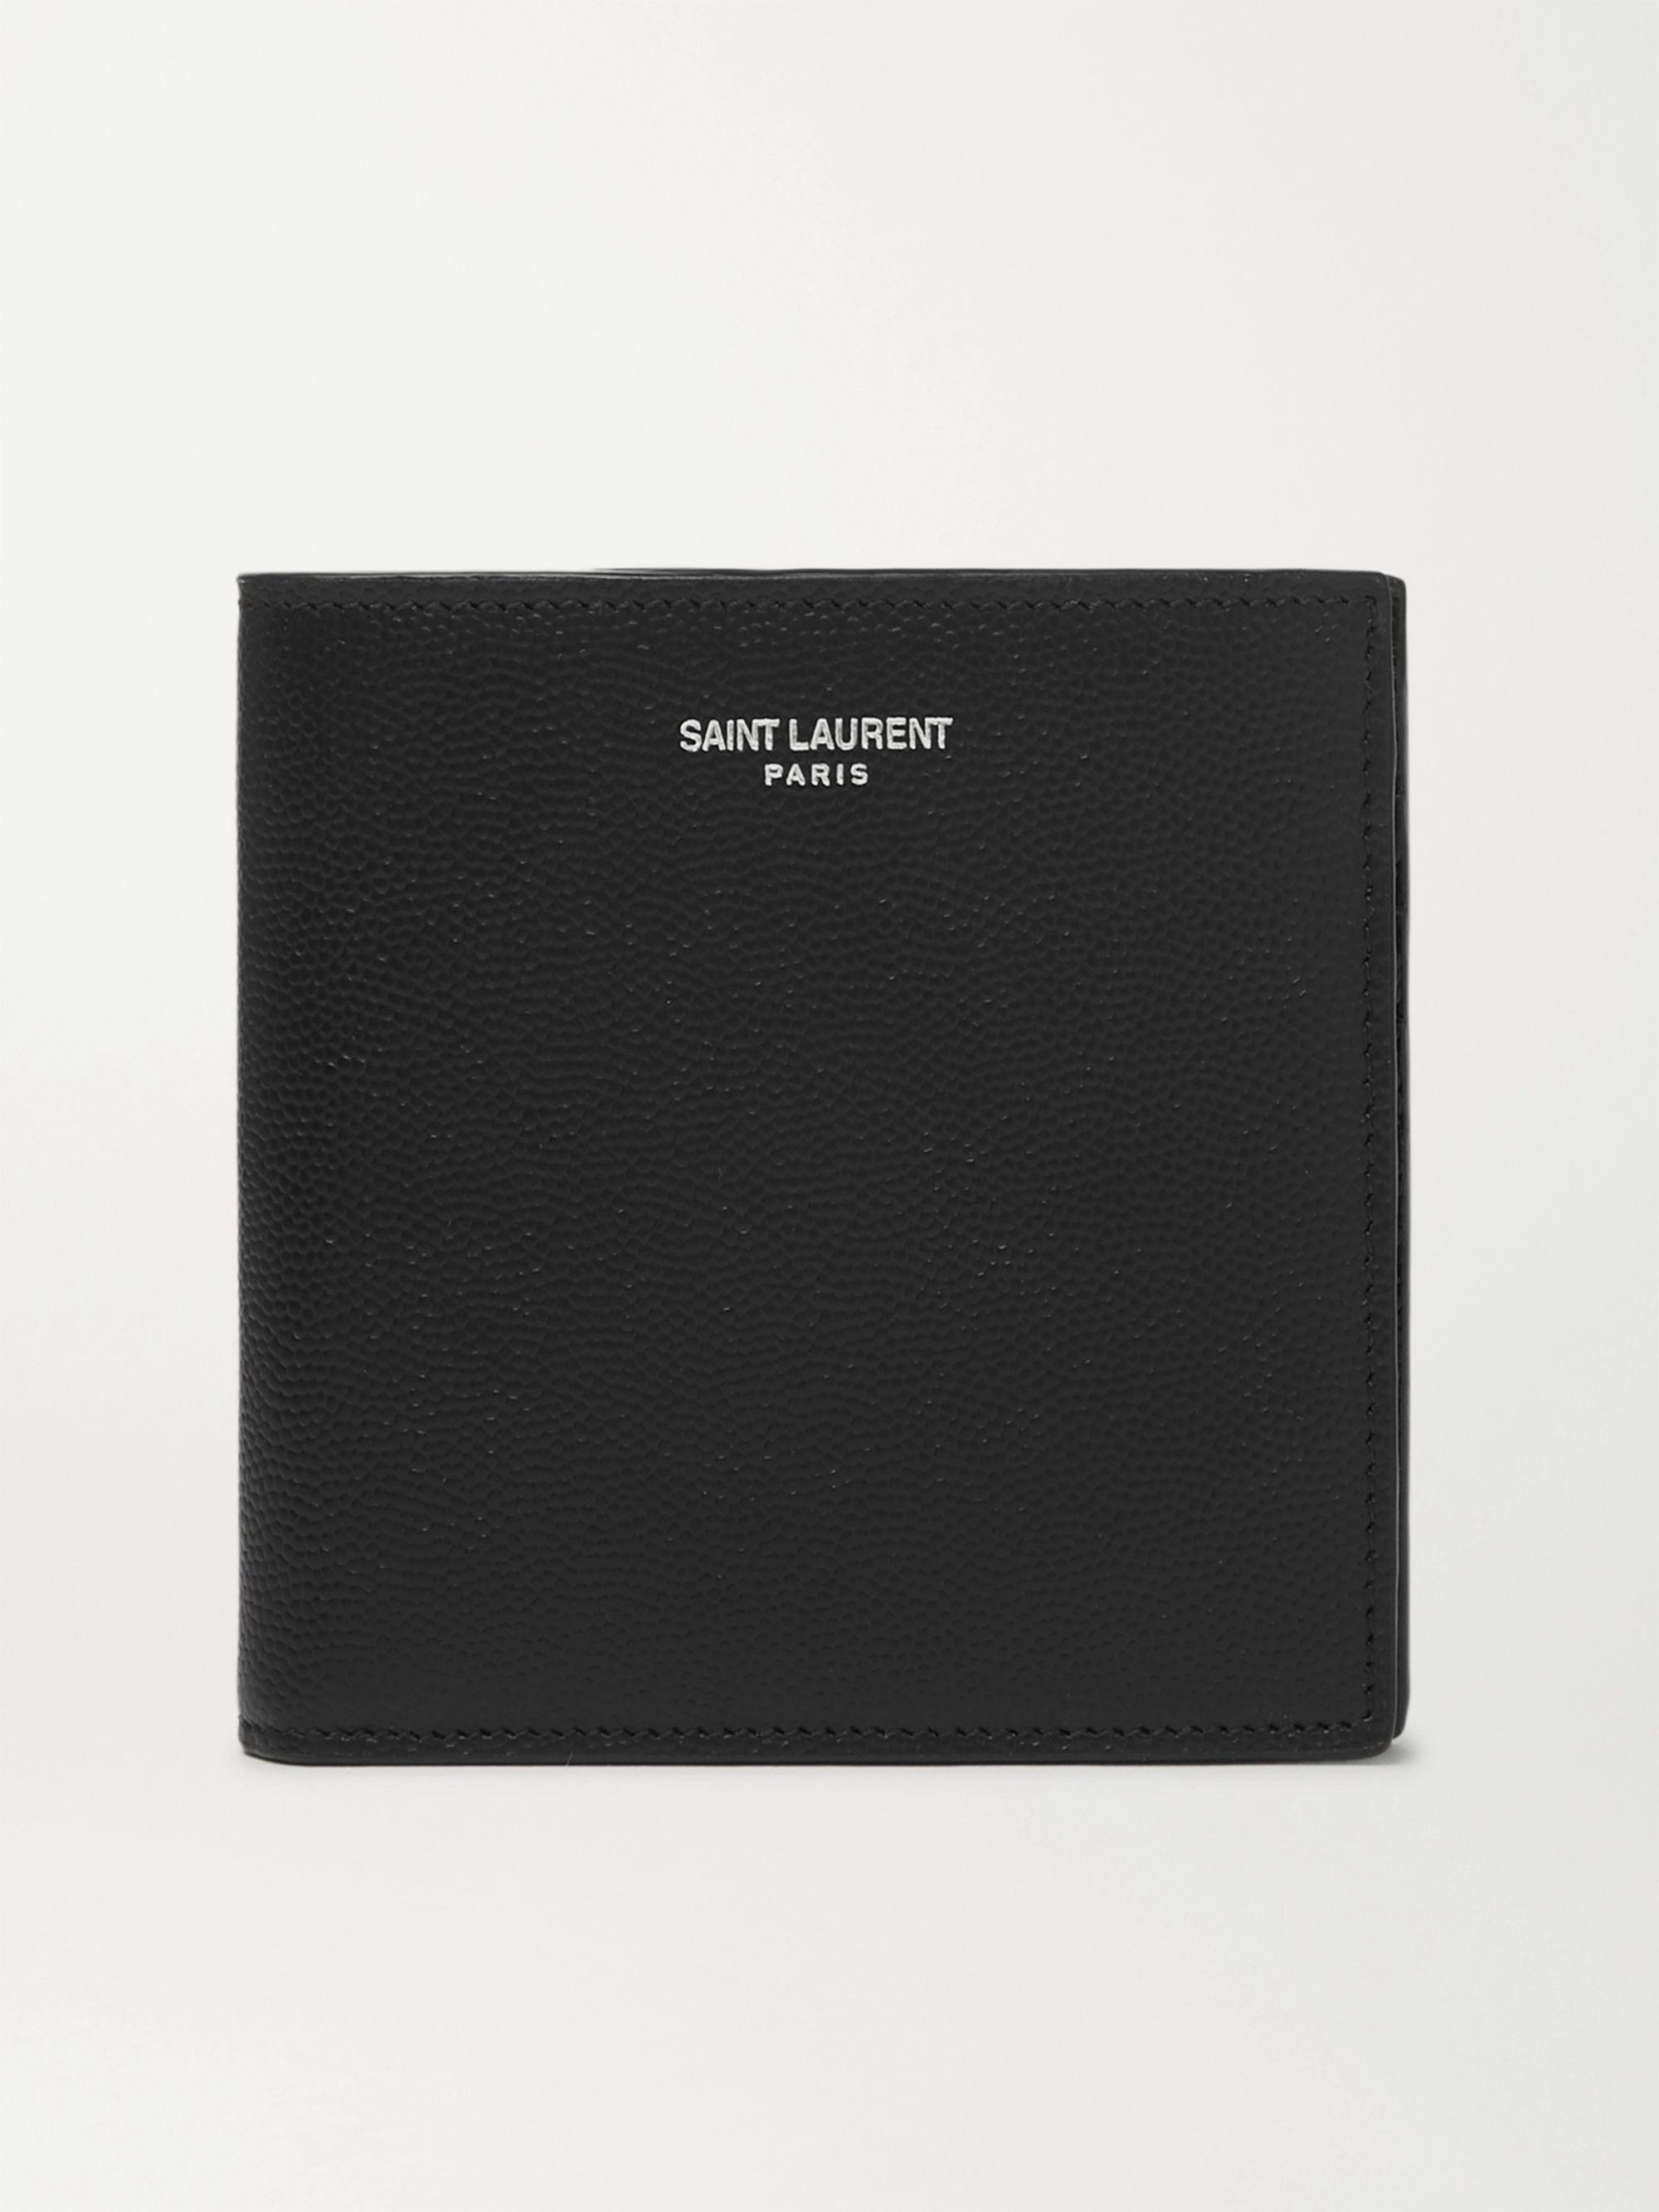 생 로랑 반지갑 Saint Laurent Logo-Print Pebble-Grain Leather Billfold Wallet,Black